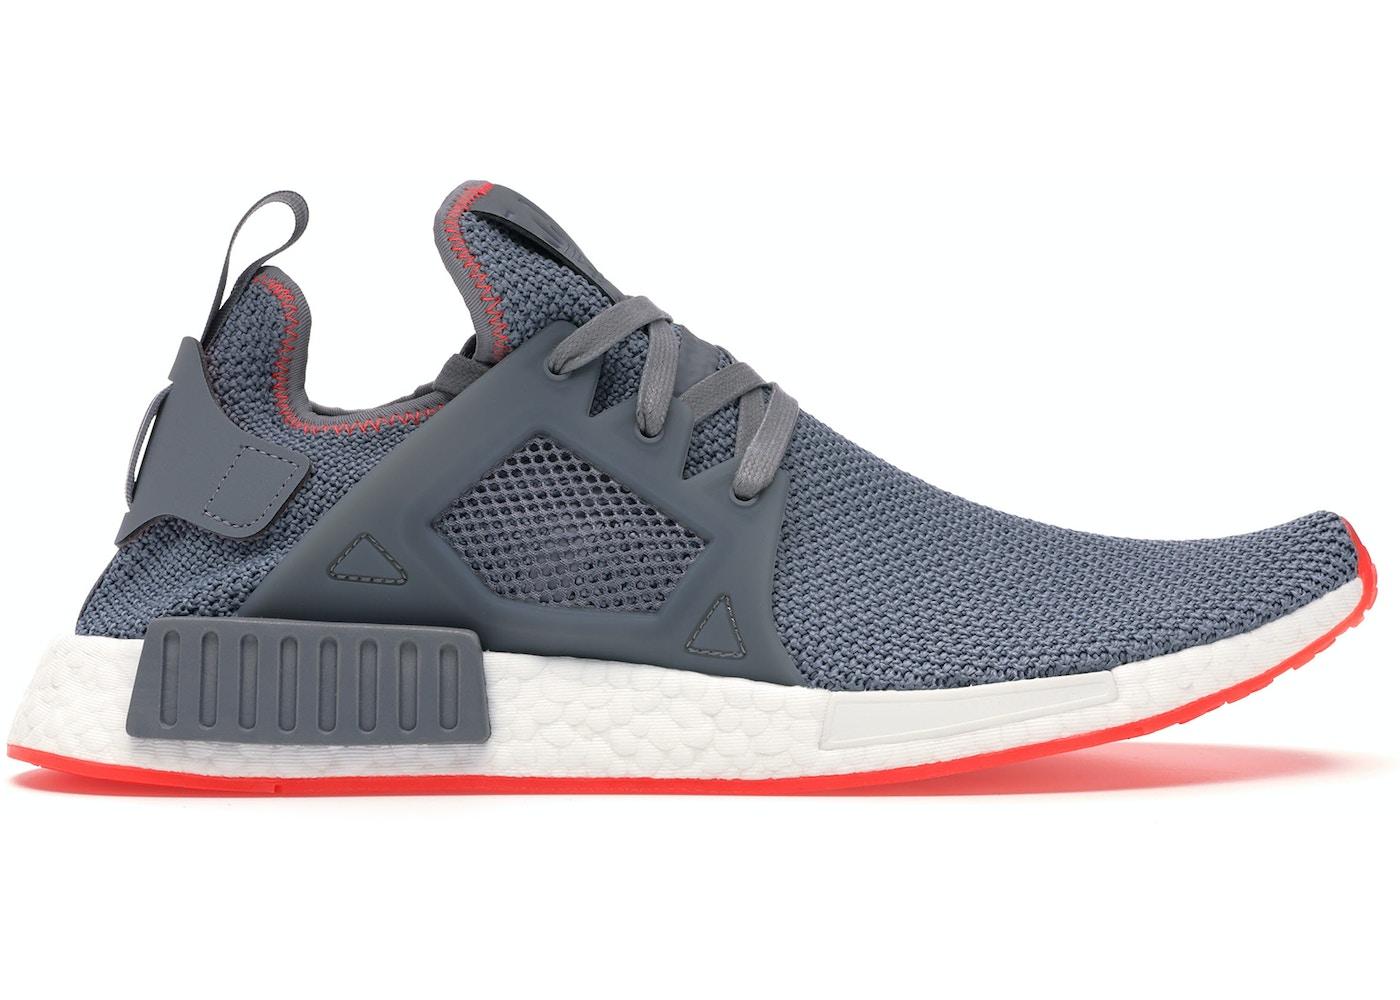 new products eb015 5fb32 adidas NMD XR1 Grey Three Solar Red - BY9925